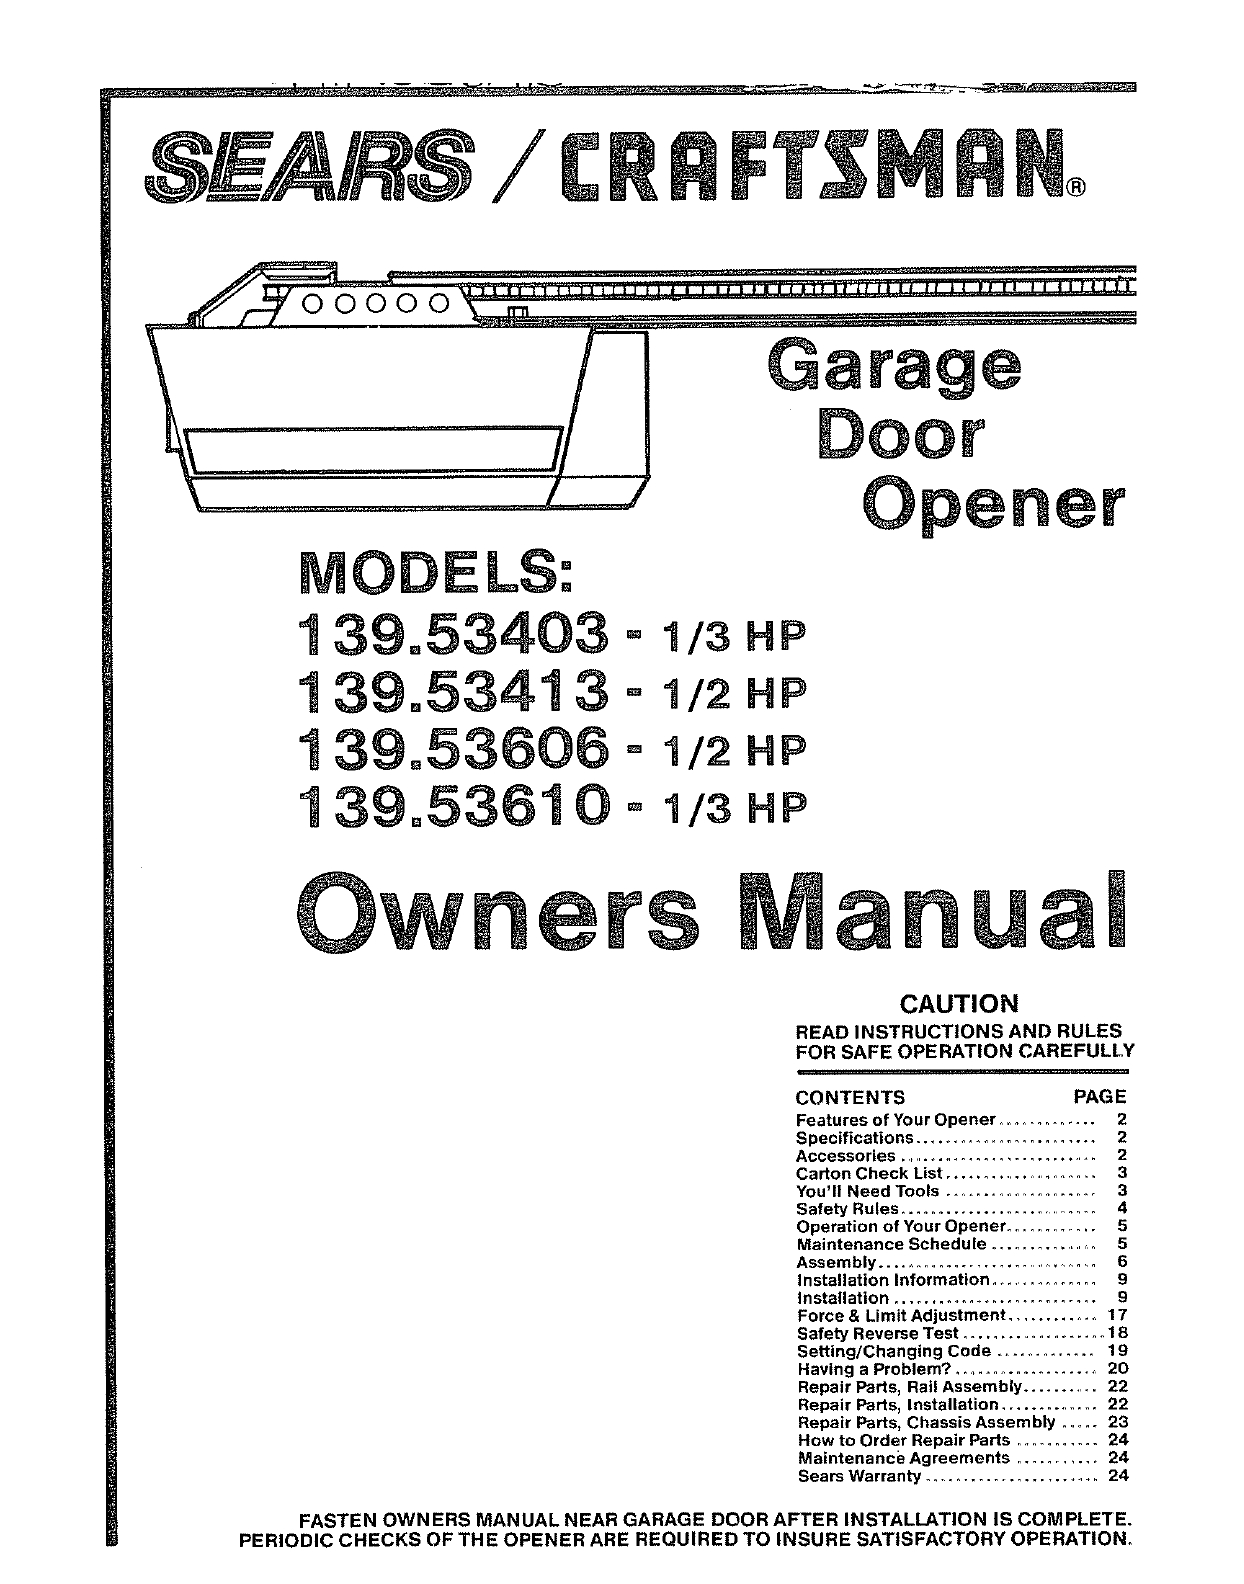 craftsman 1 2 hp garage door opener wiring diagram Collection-139 5361 OD 139 1 2-i